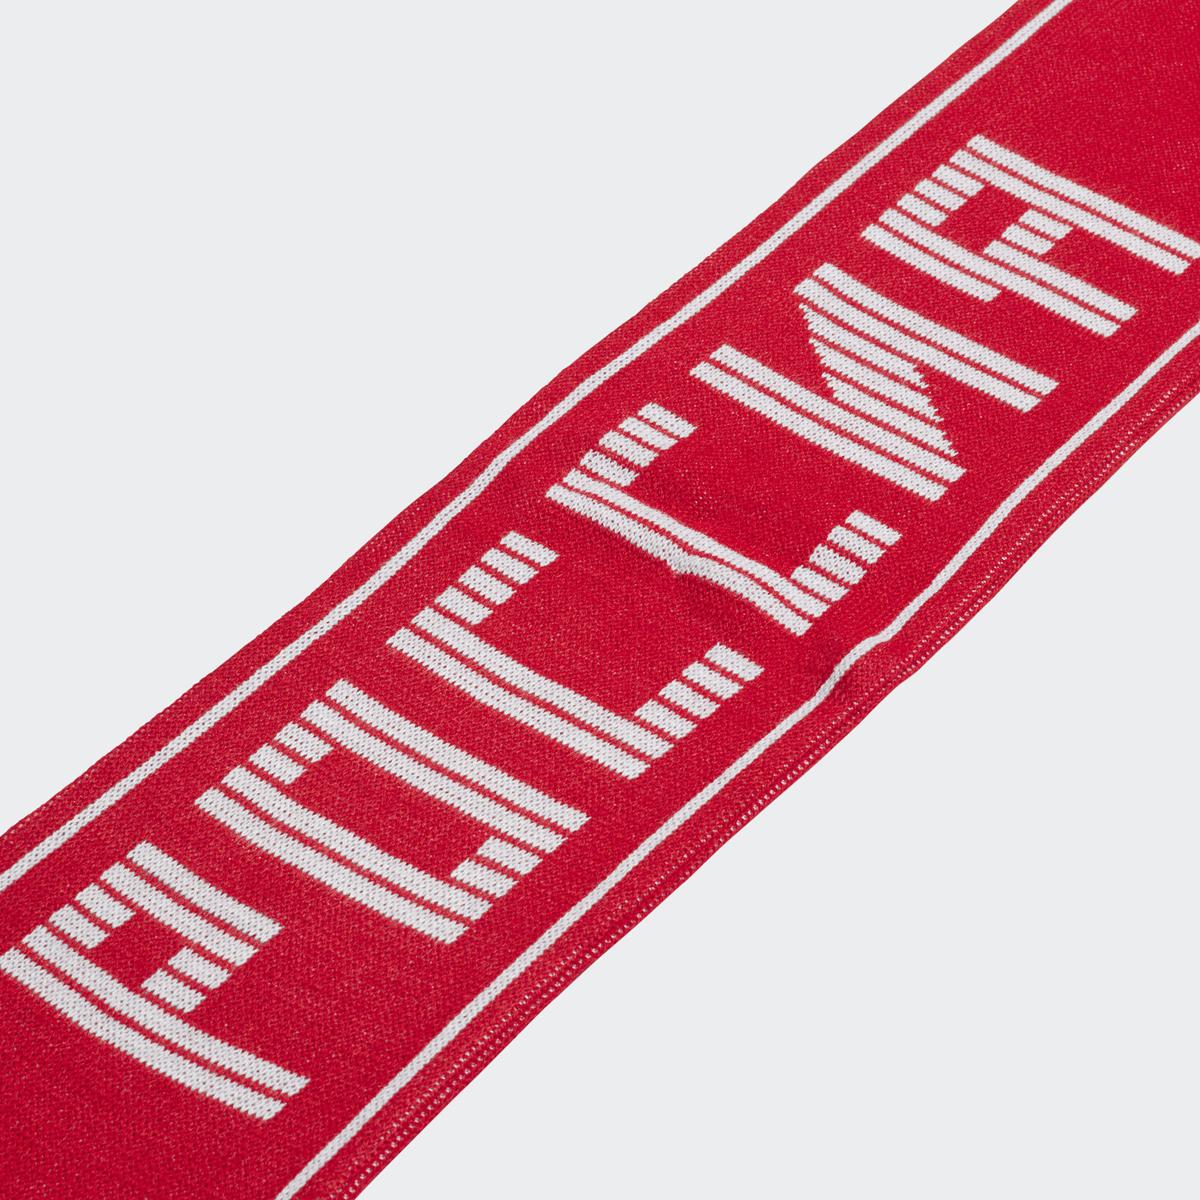 Шарф Adidas CF SCARF RUS, цвет: красный, белый. CF5173. Размер универсальный календарь чемпионата россии